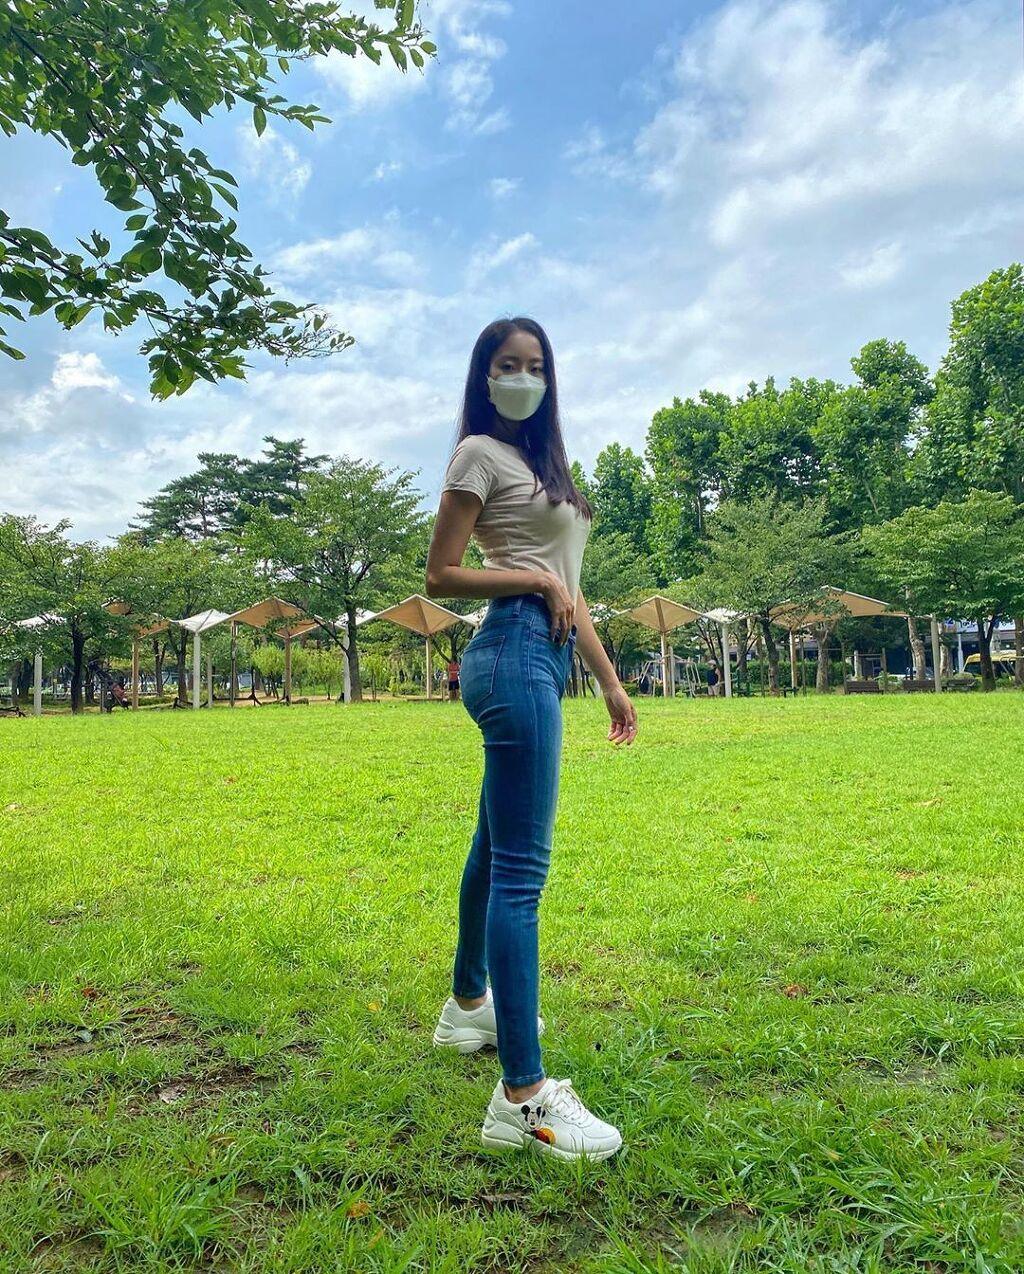 모델 김주희 사진 모음 - 꾸르